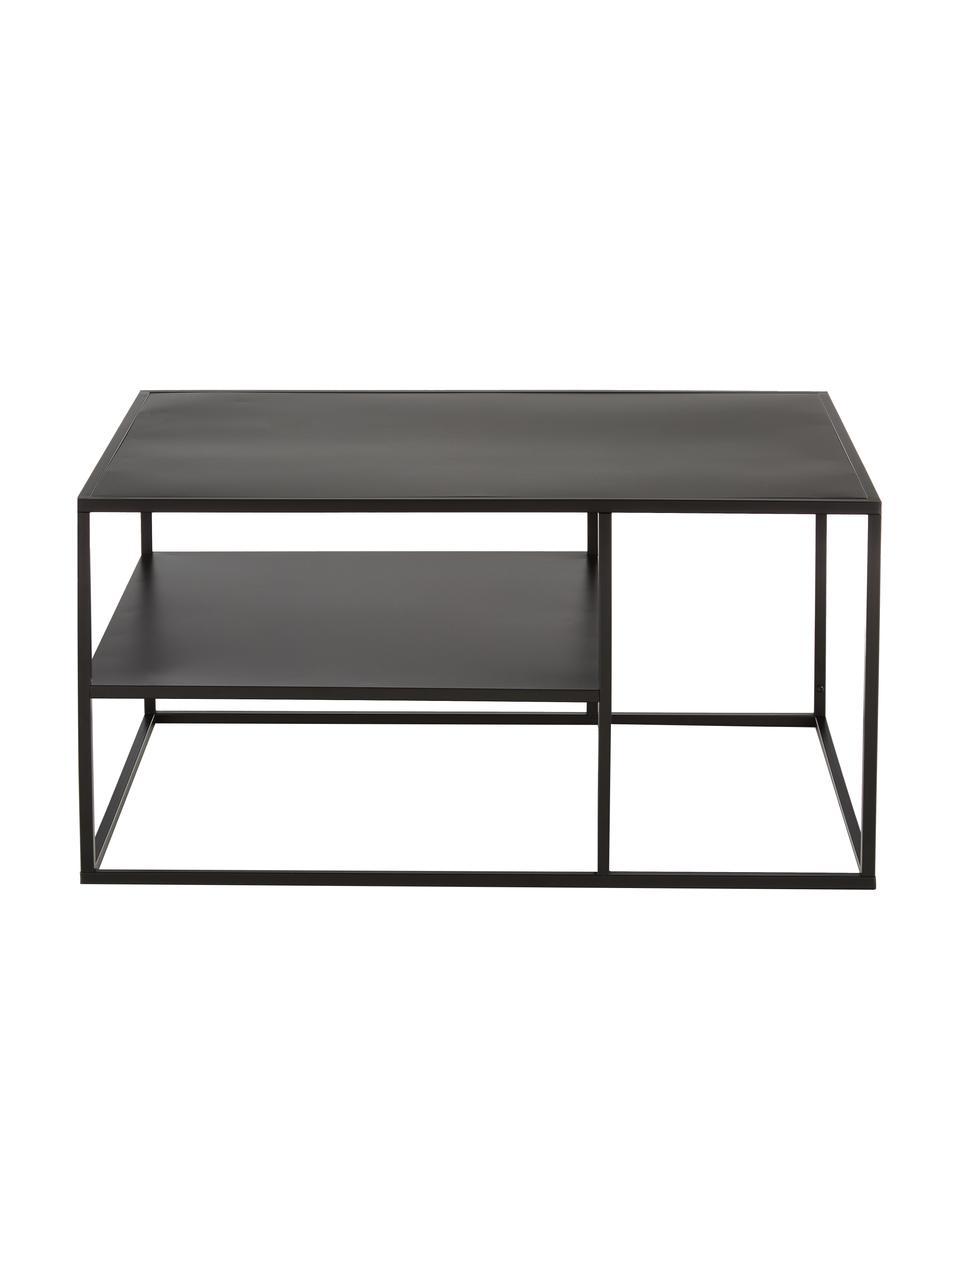 Metalen salontafel Neptun in zwart, Gepoedercoat metaal, Zwart, 90 x 45 cm